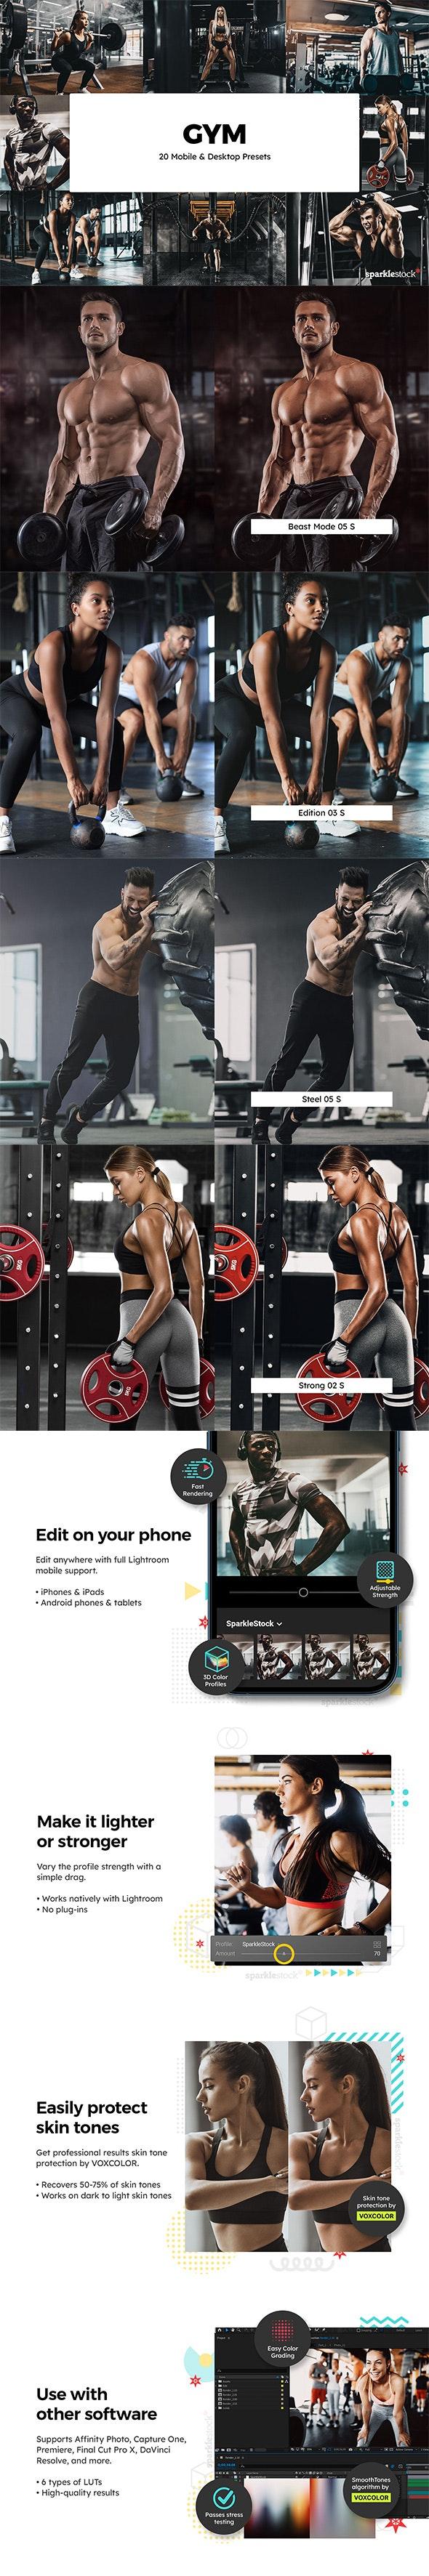 20 Gym Lightroom Presets & LUTs - Lightroom Presets Add-ons